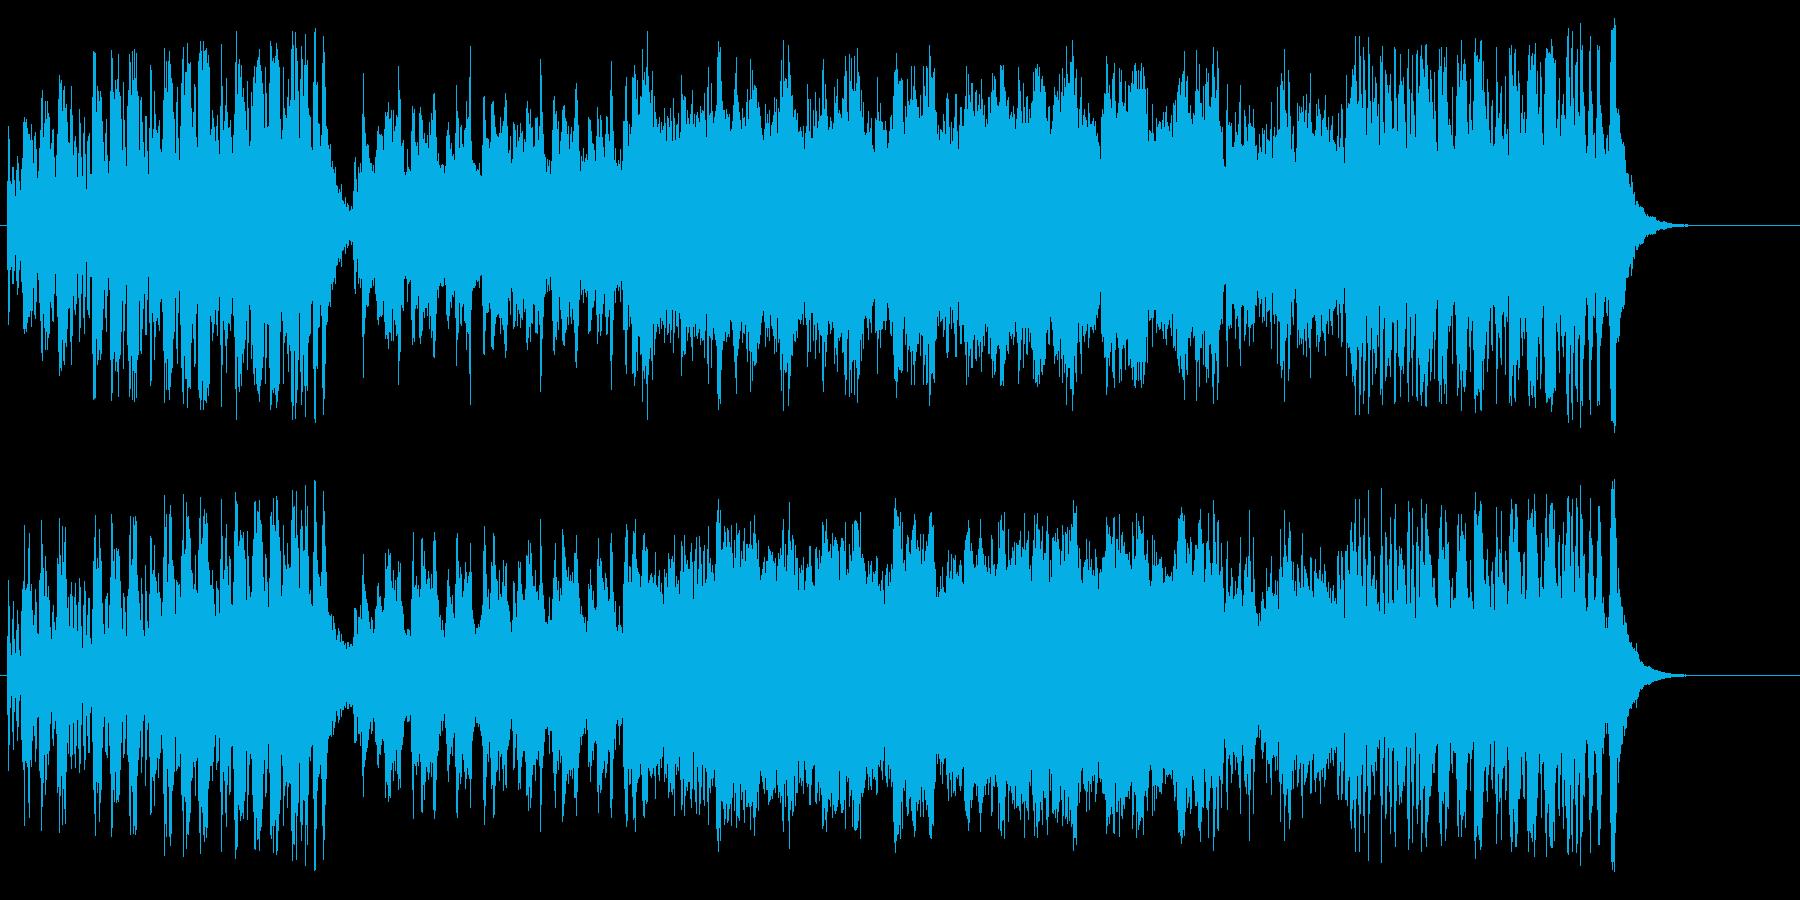 ドラマチック、シネマモノローグタイトルの再生済みの波形